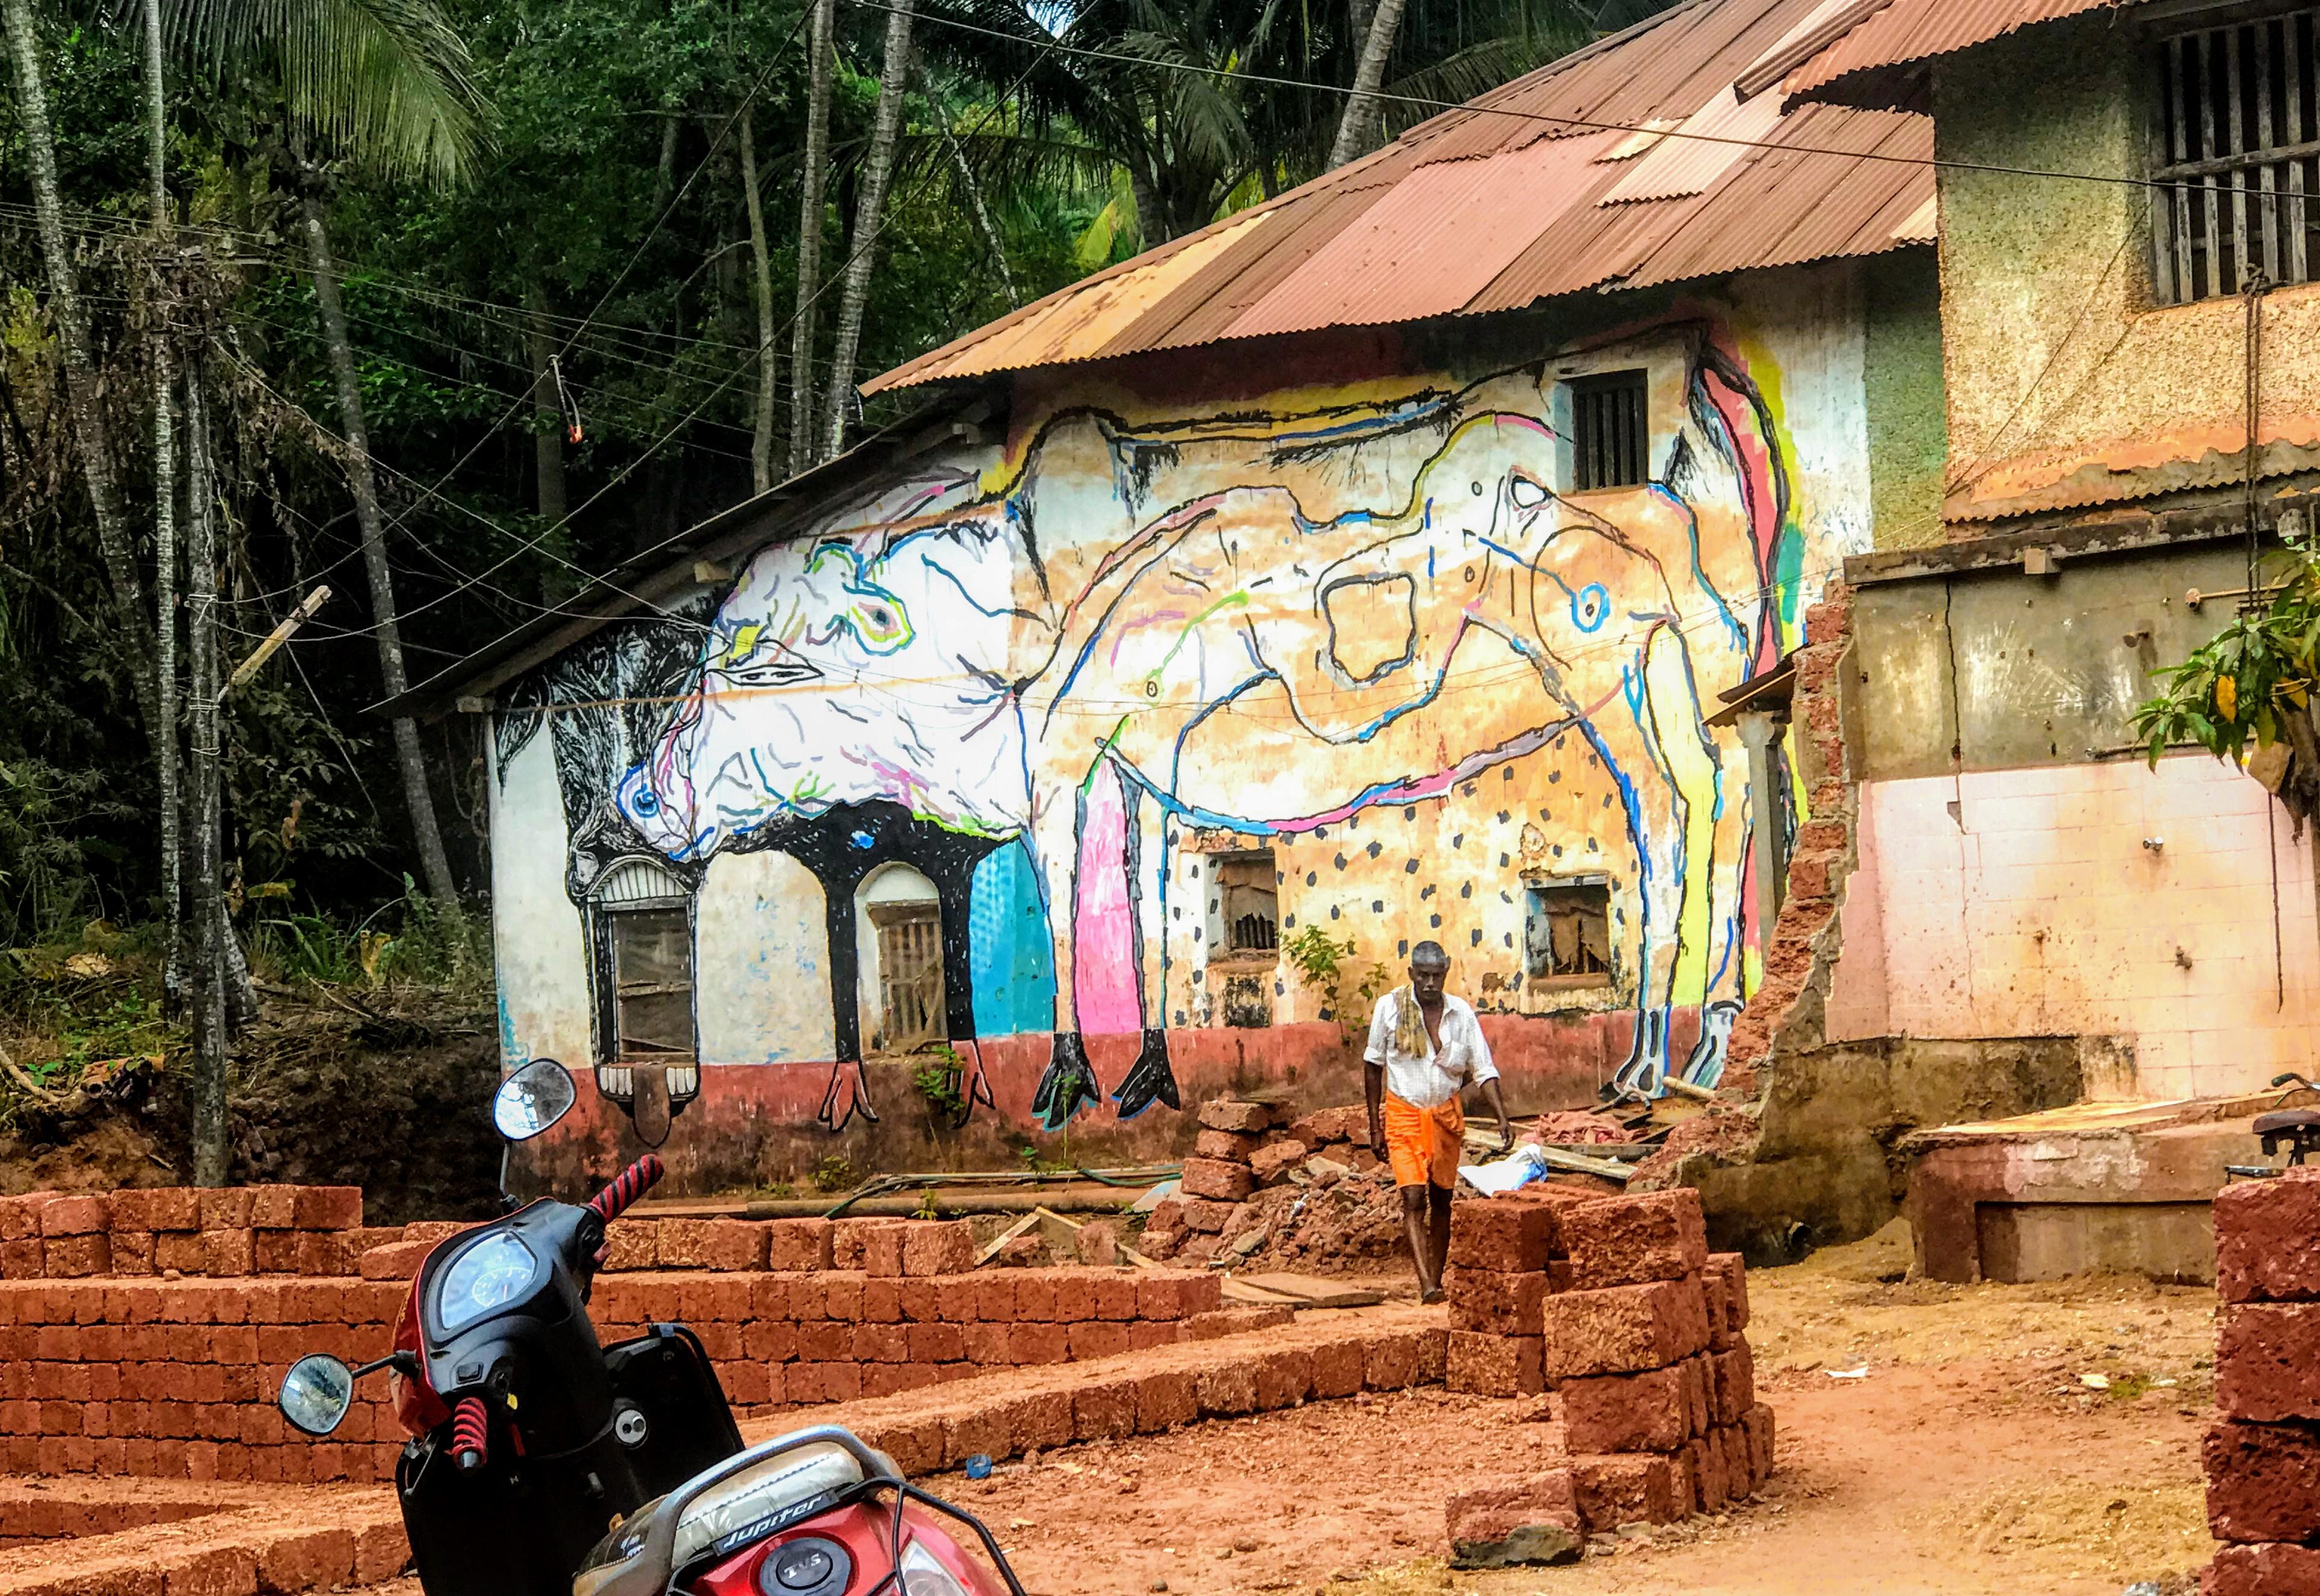 Cow mural, Gokarna, Karnataka